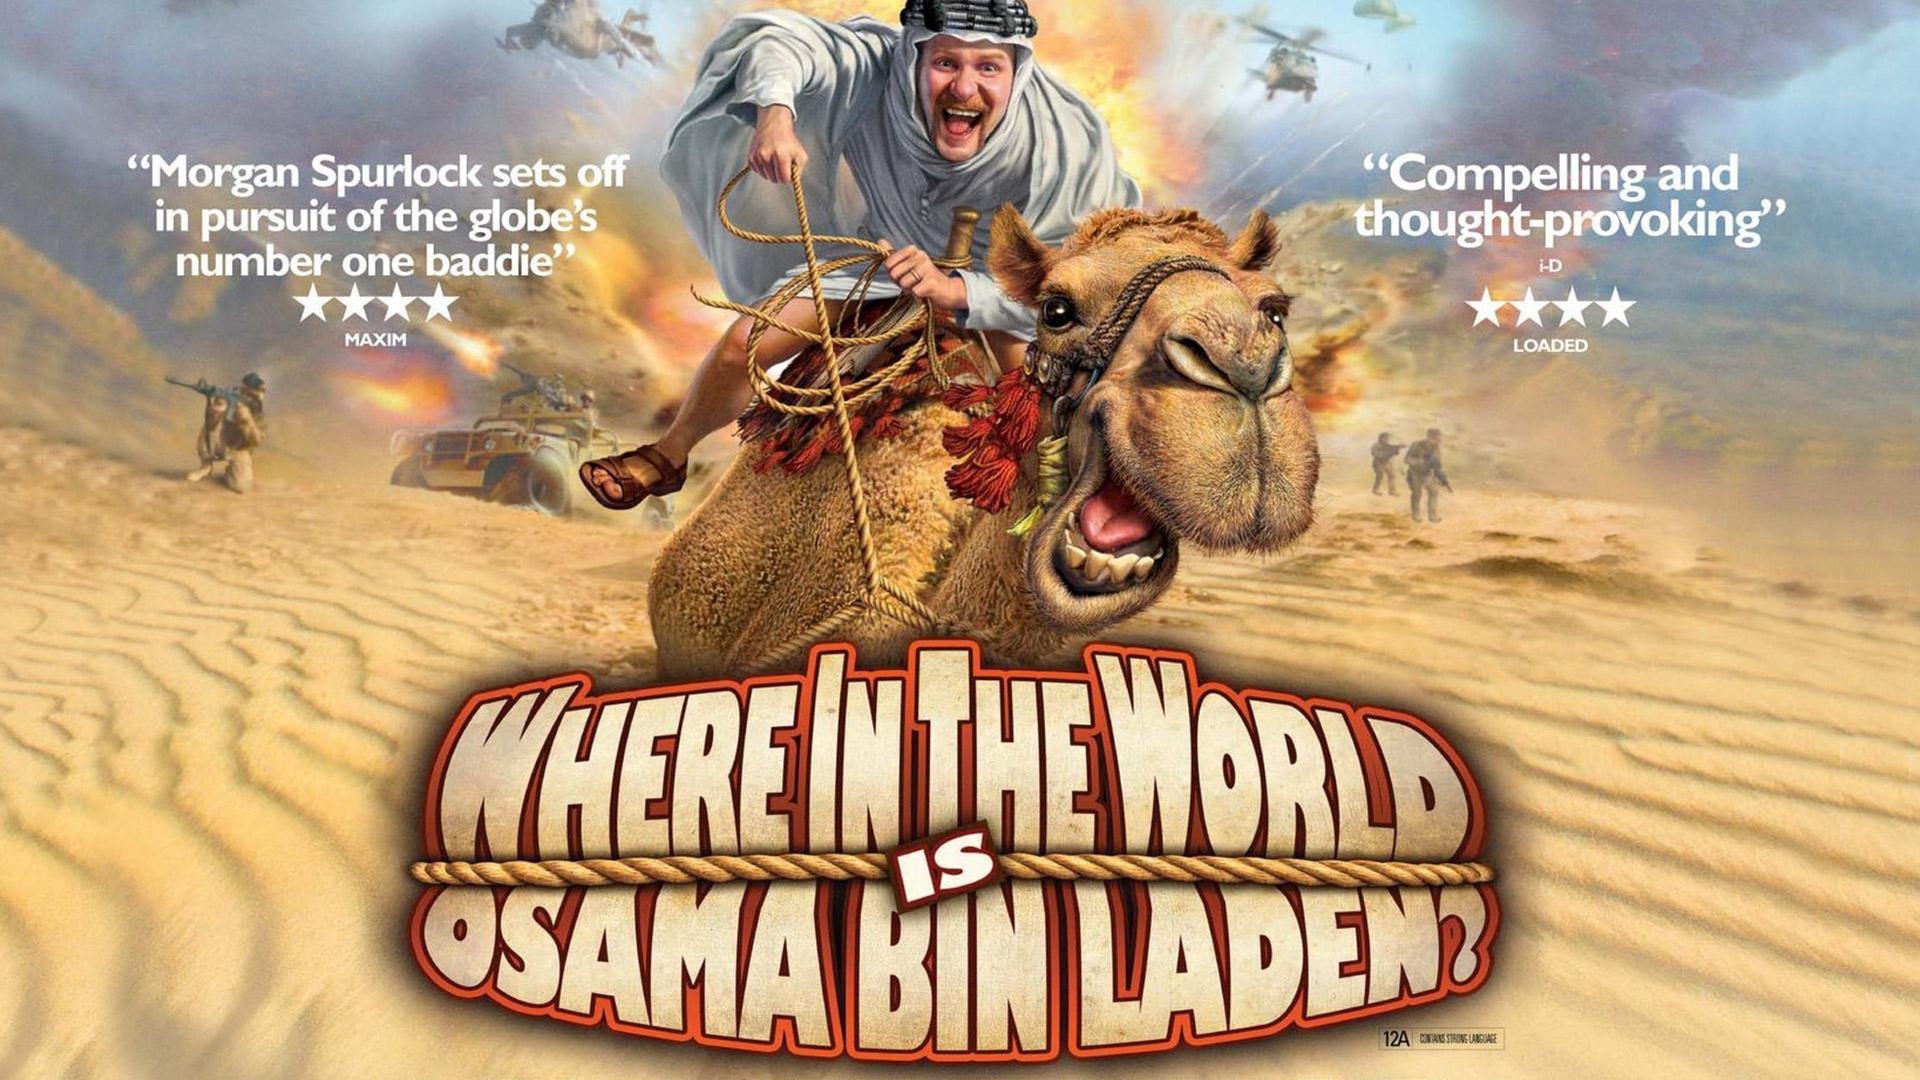 Where-is-Osama-Bin-Laden-COVER.jpg